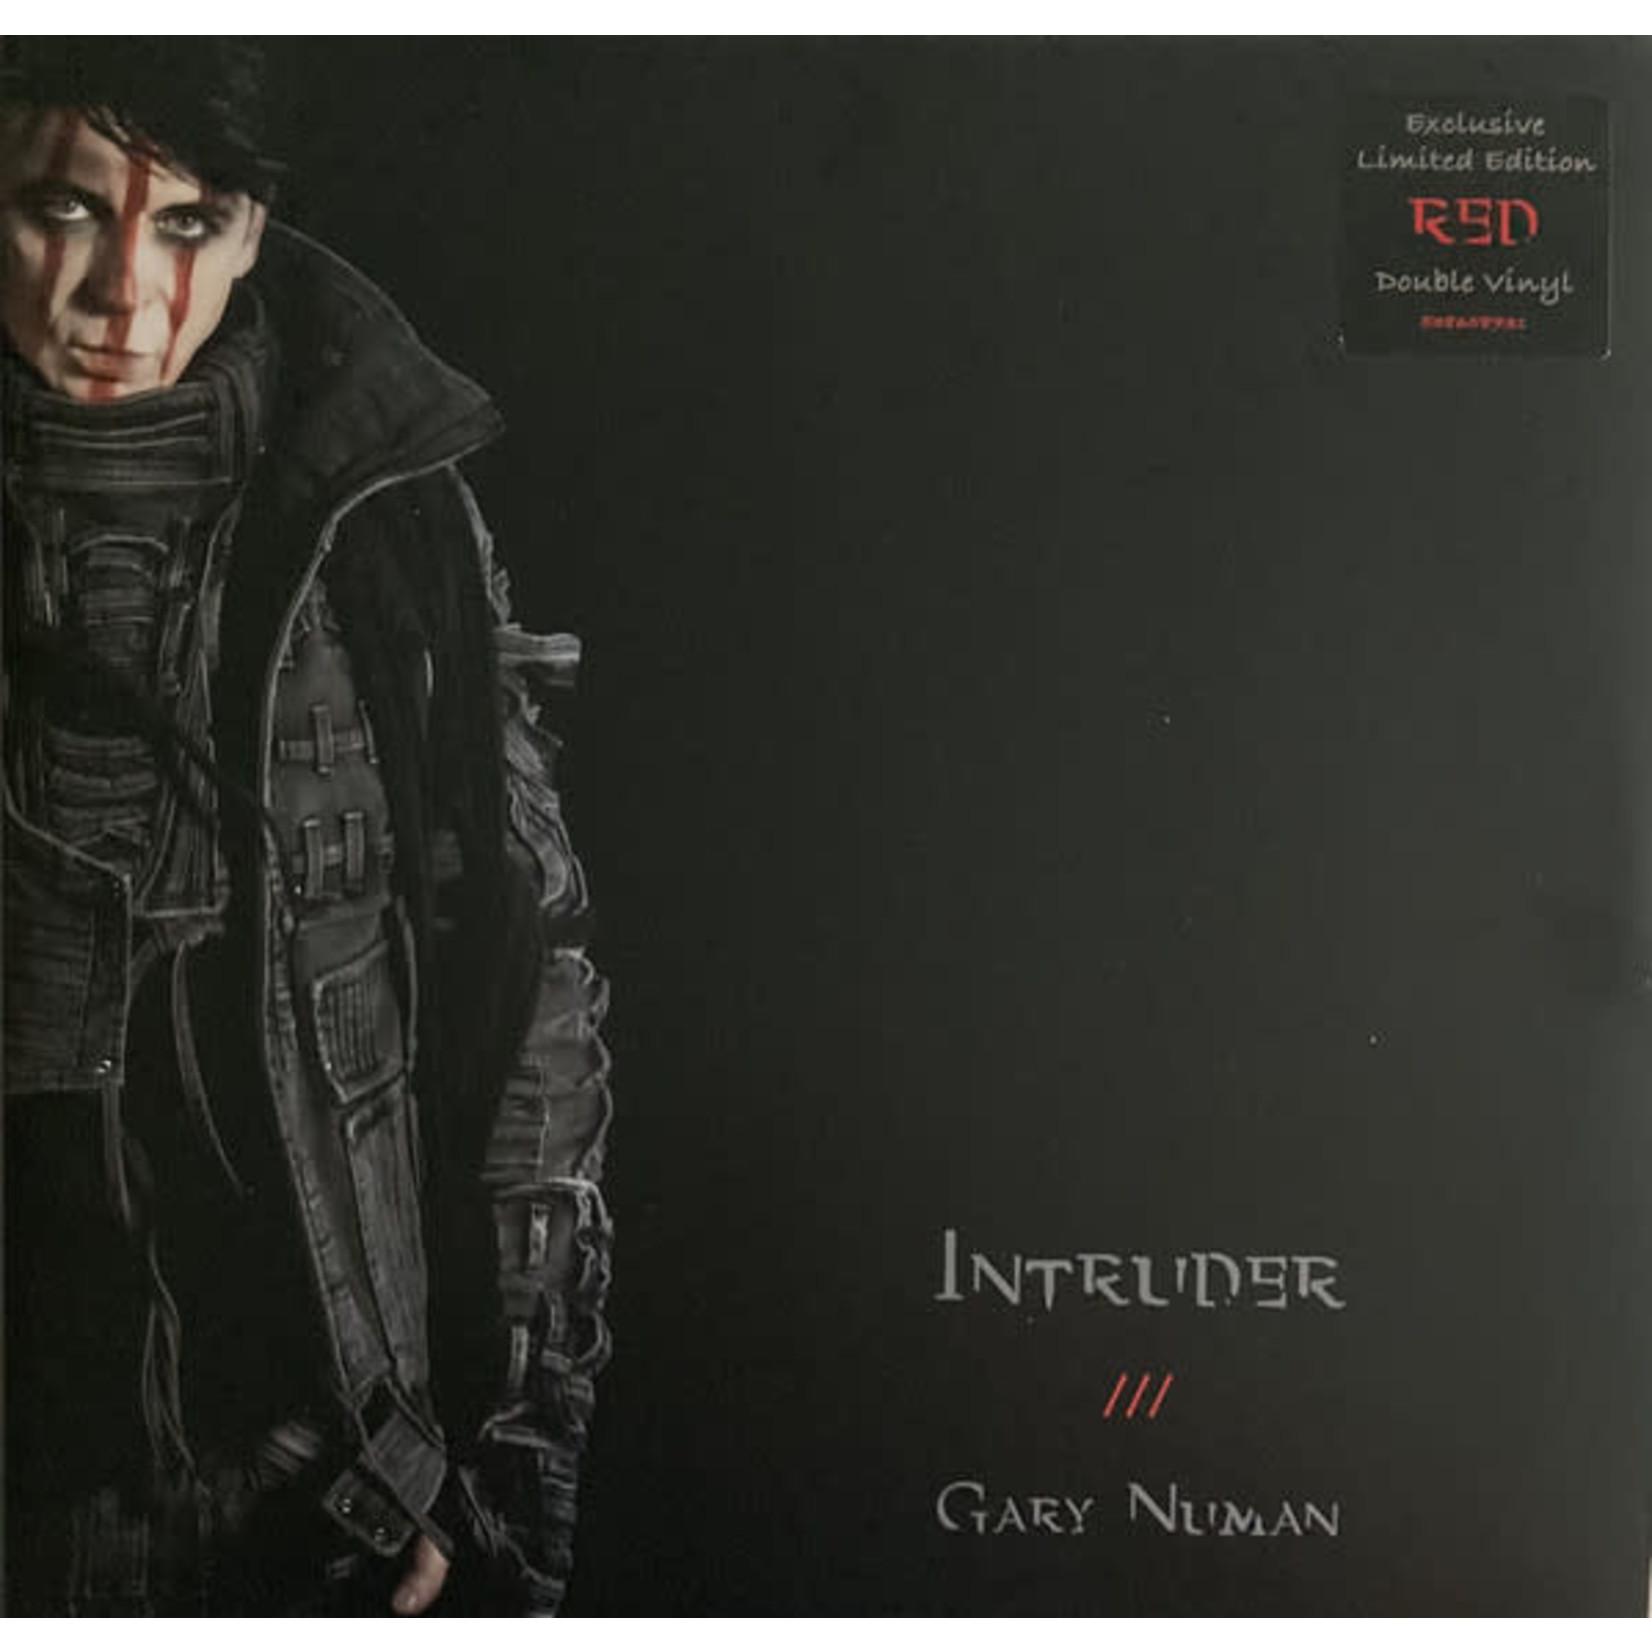 GARY NUMAN INTRUDER (INDIE LP)